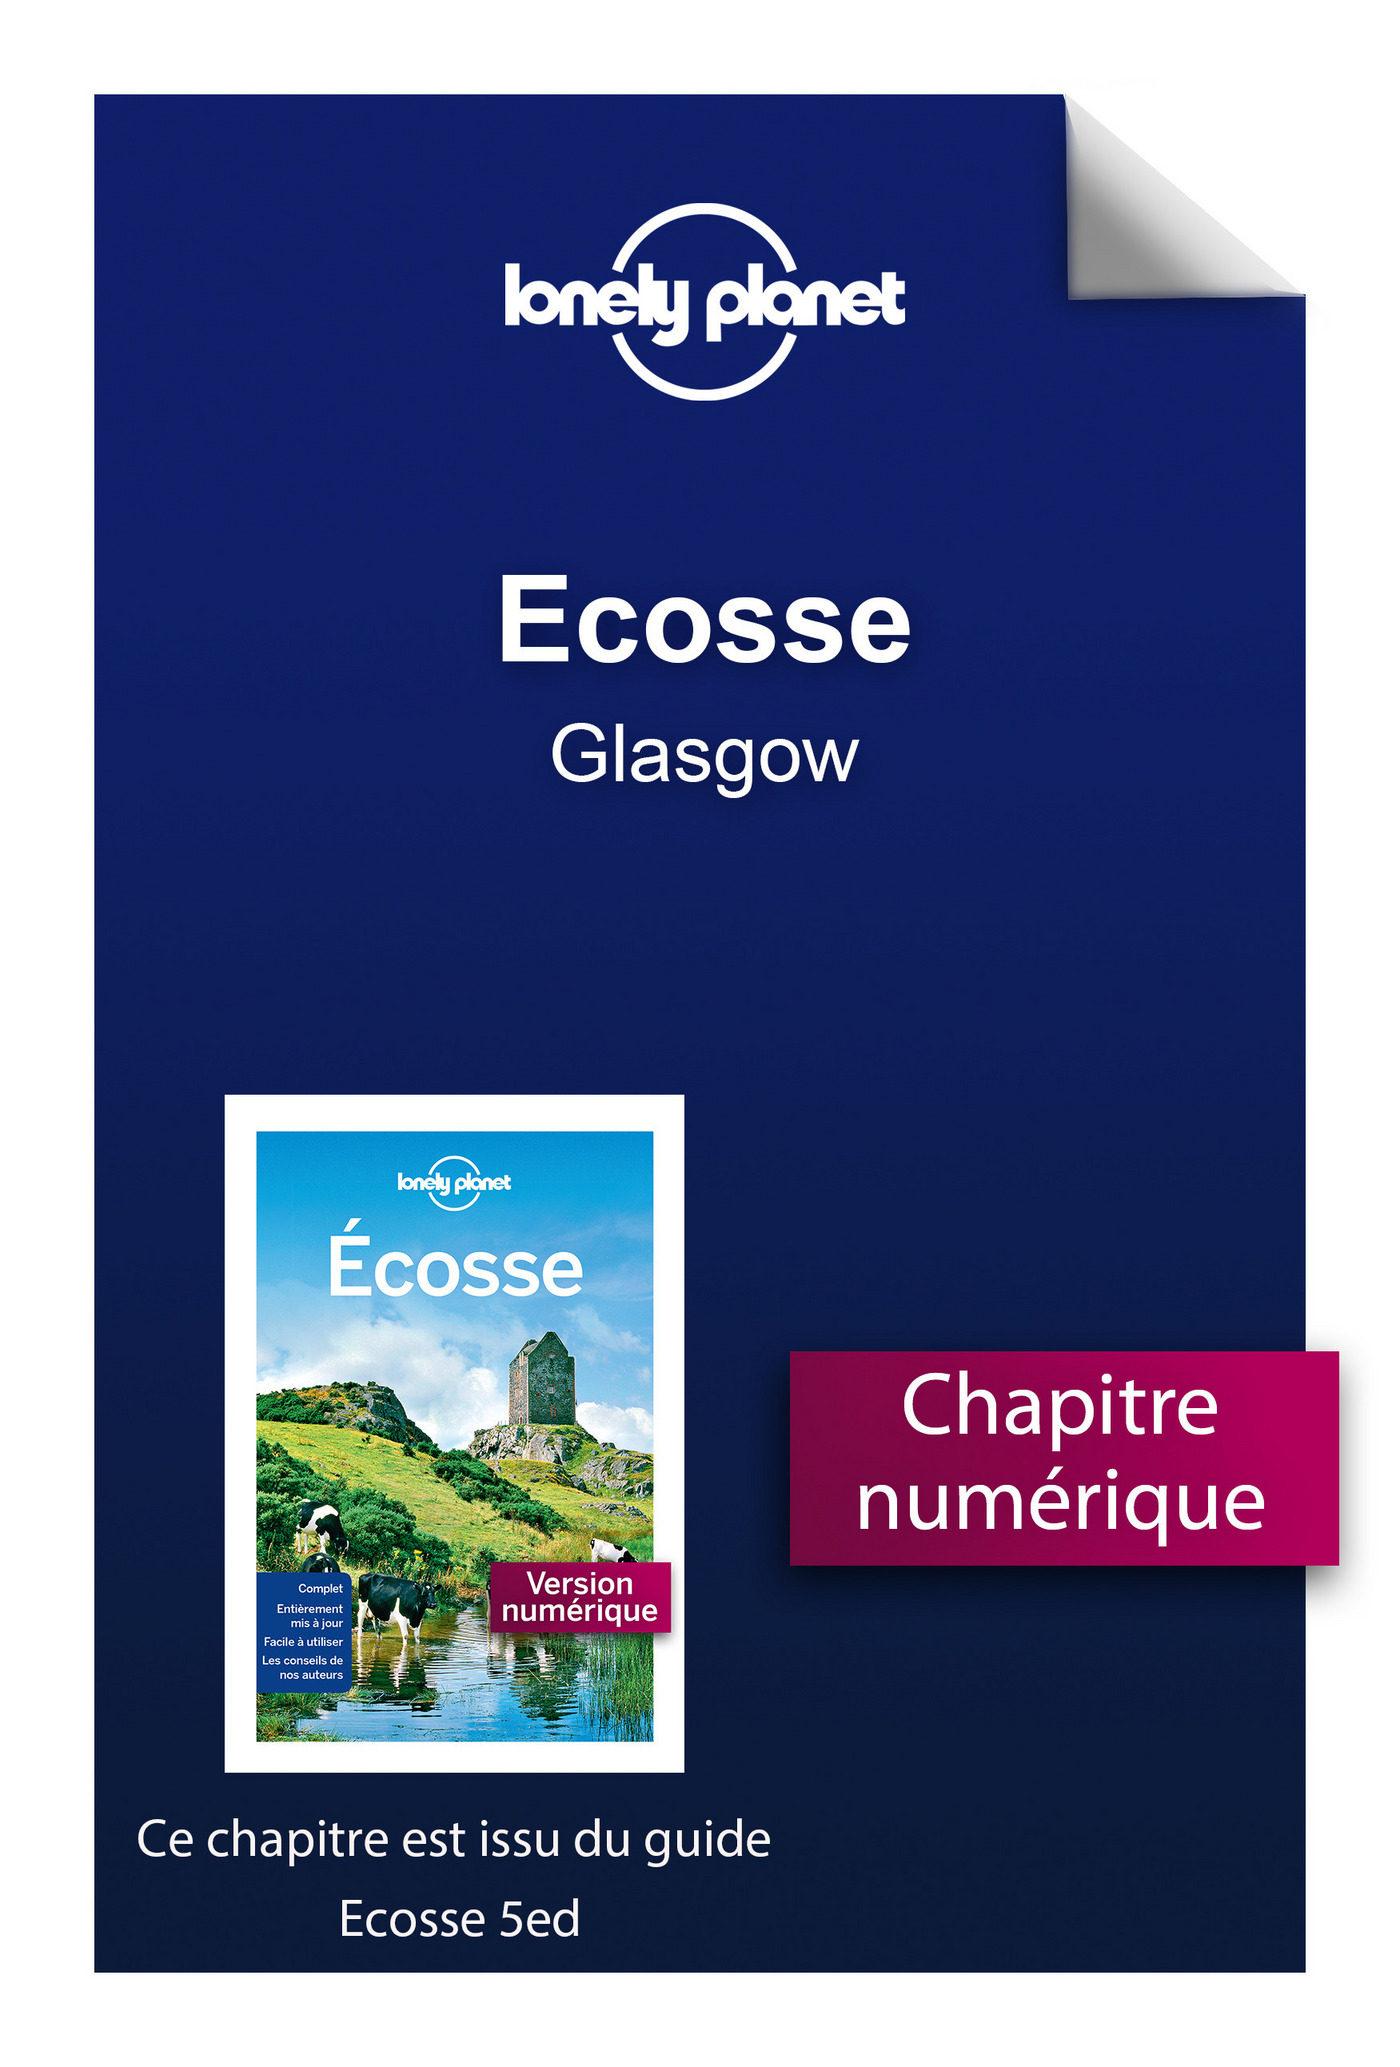 Ecosse 5 - Glasgow Descargar Epub Ahora